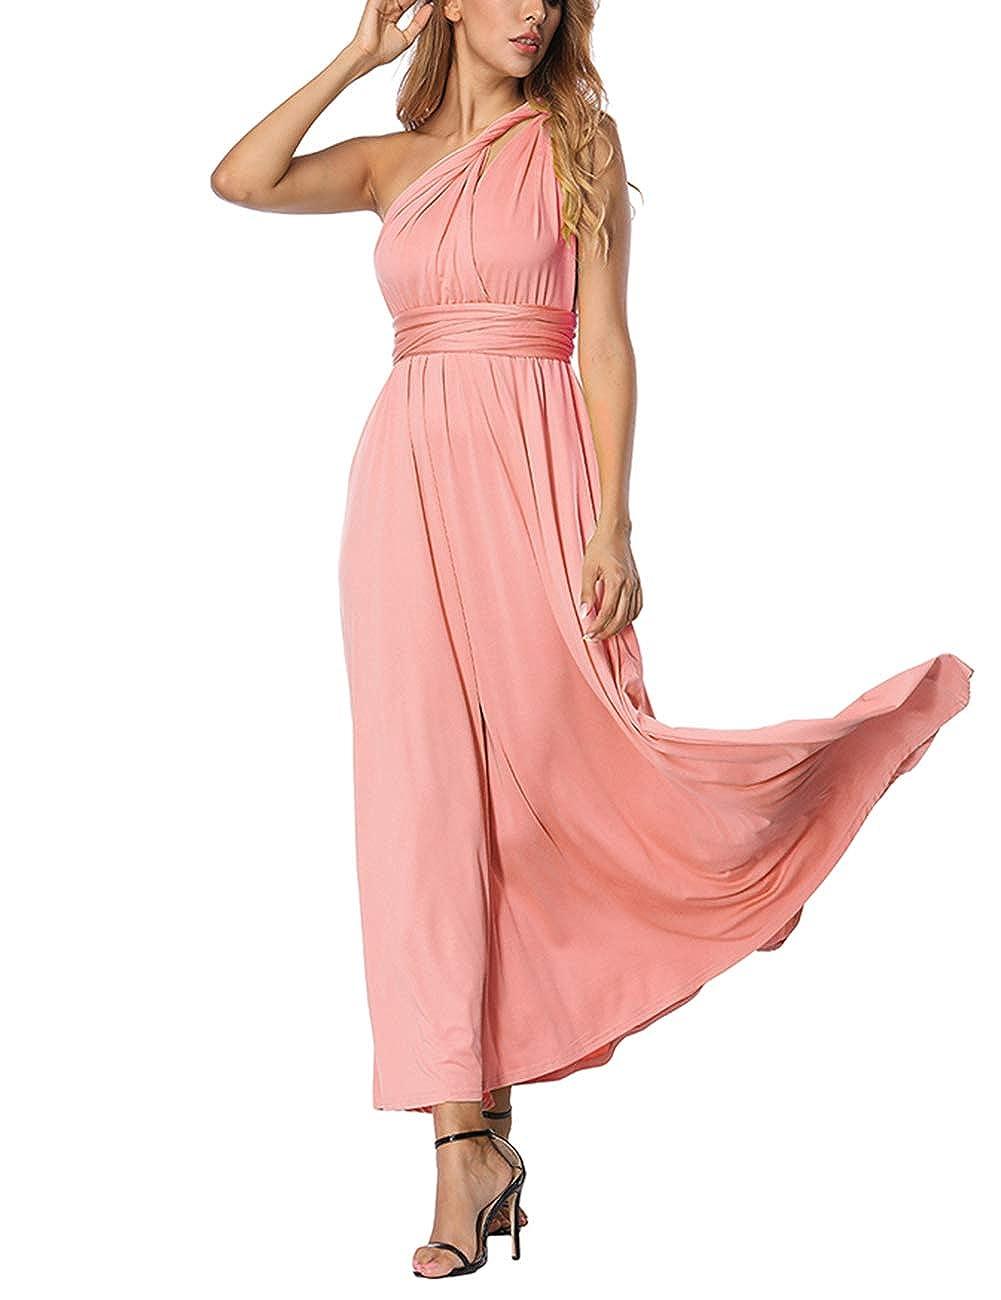 TALLA M(ES 40-44). FeelinGirl Mujer Vestido Maxi Convertible Espalda Decubierta Cóctel Multiposicion Tirantes Multi-Manera Largo Falda para Fiesta Ceremonia Sexy y Elegante Rosa M(ES 40-44)